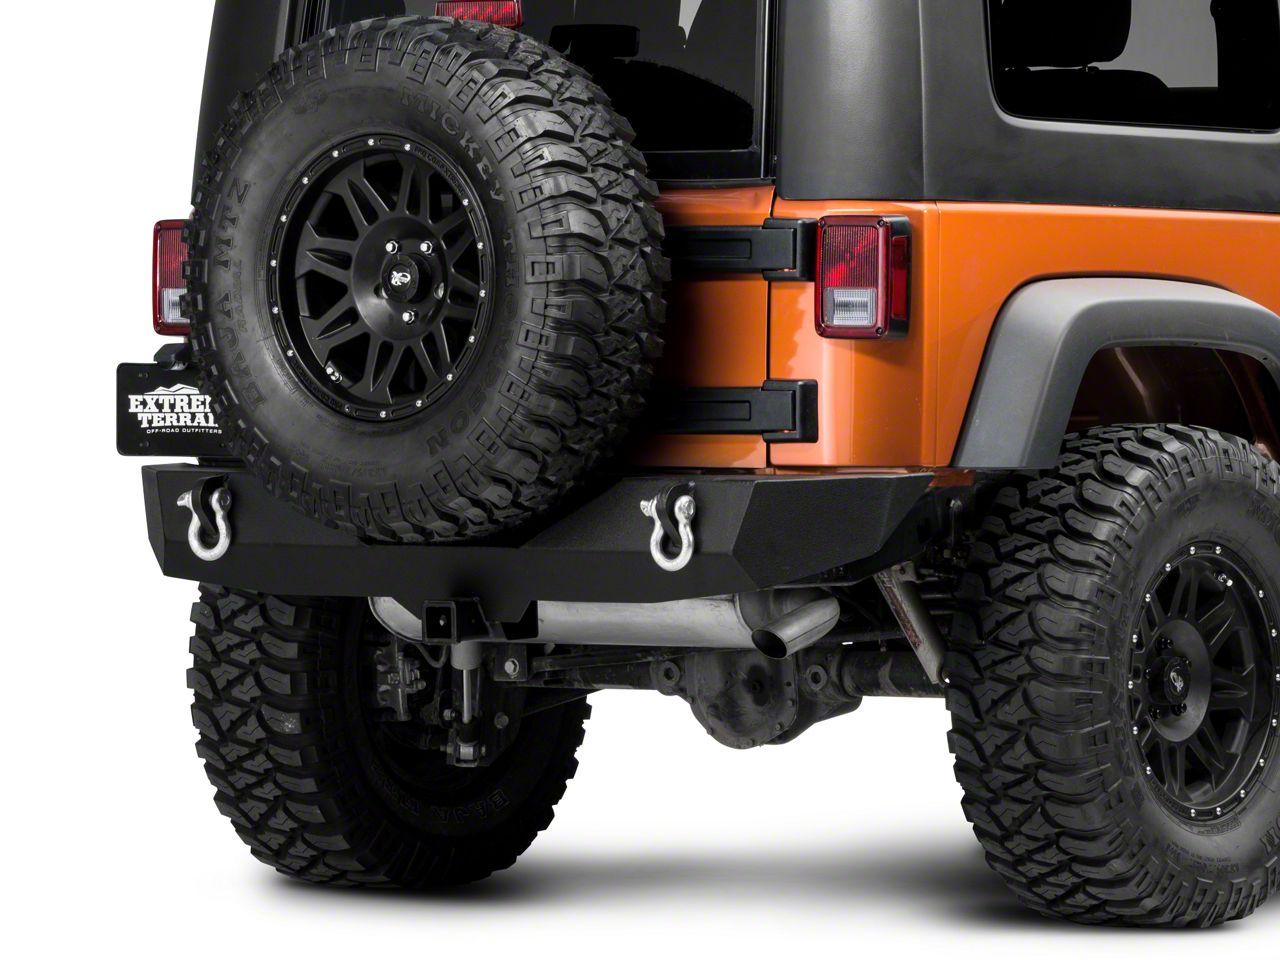 Barricade Trail Force HD Rear Bumper (07-18 Jeep Wrangler JK)